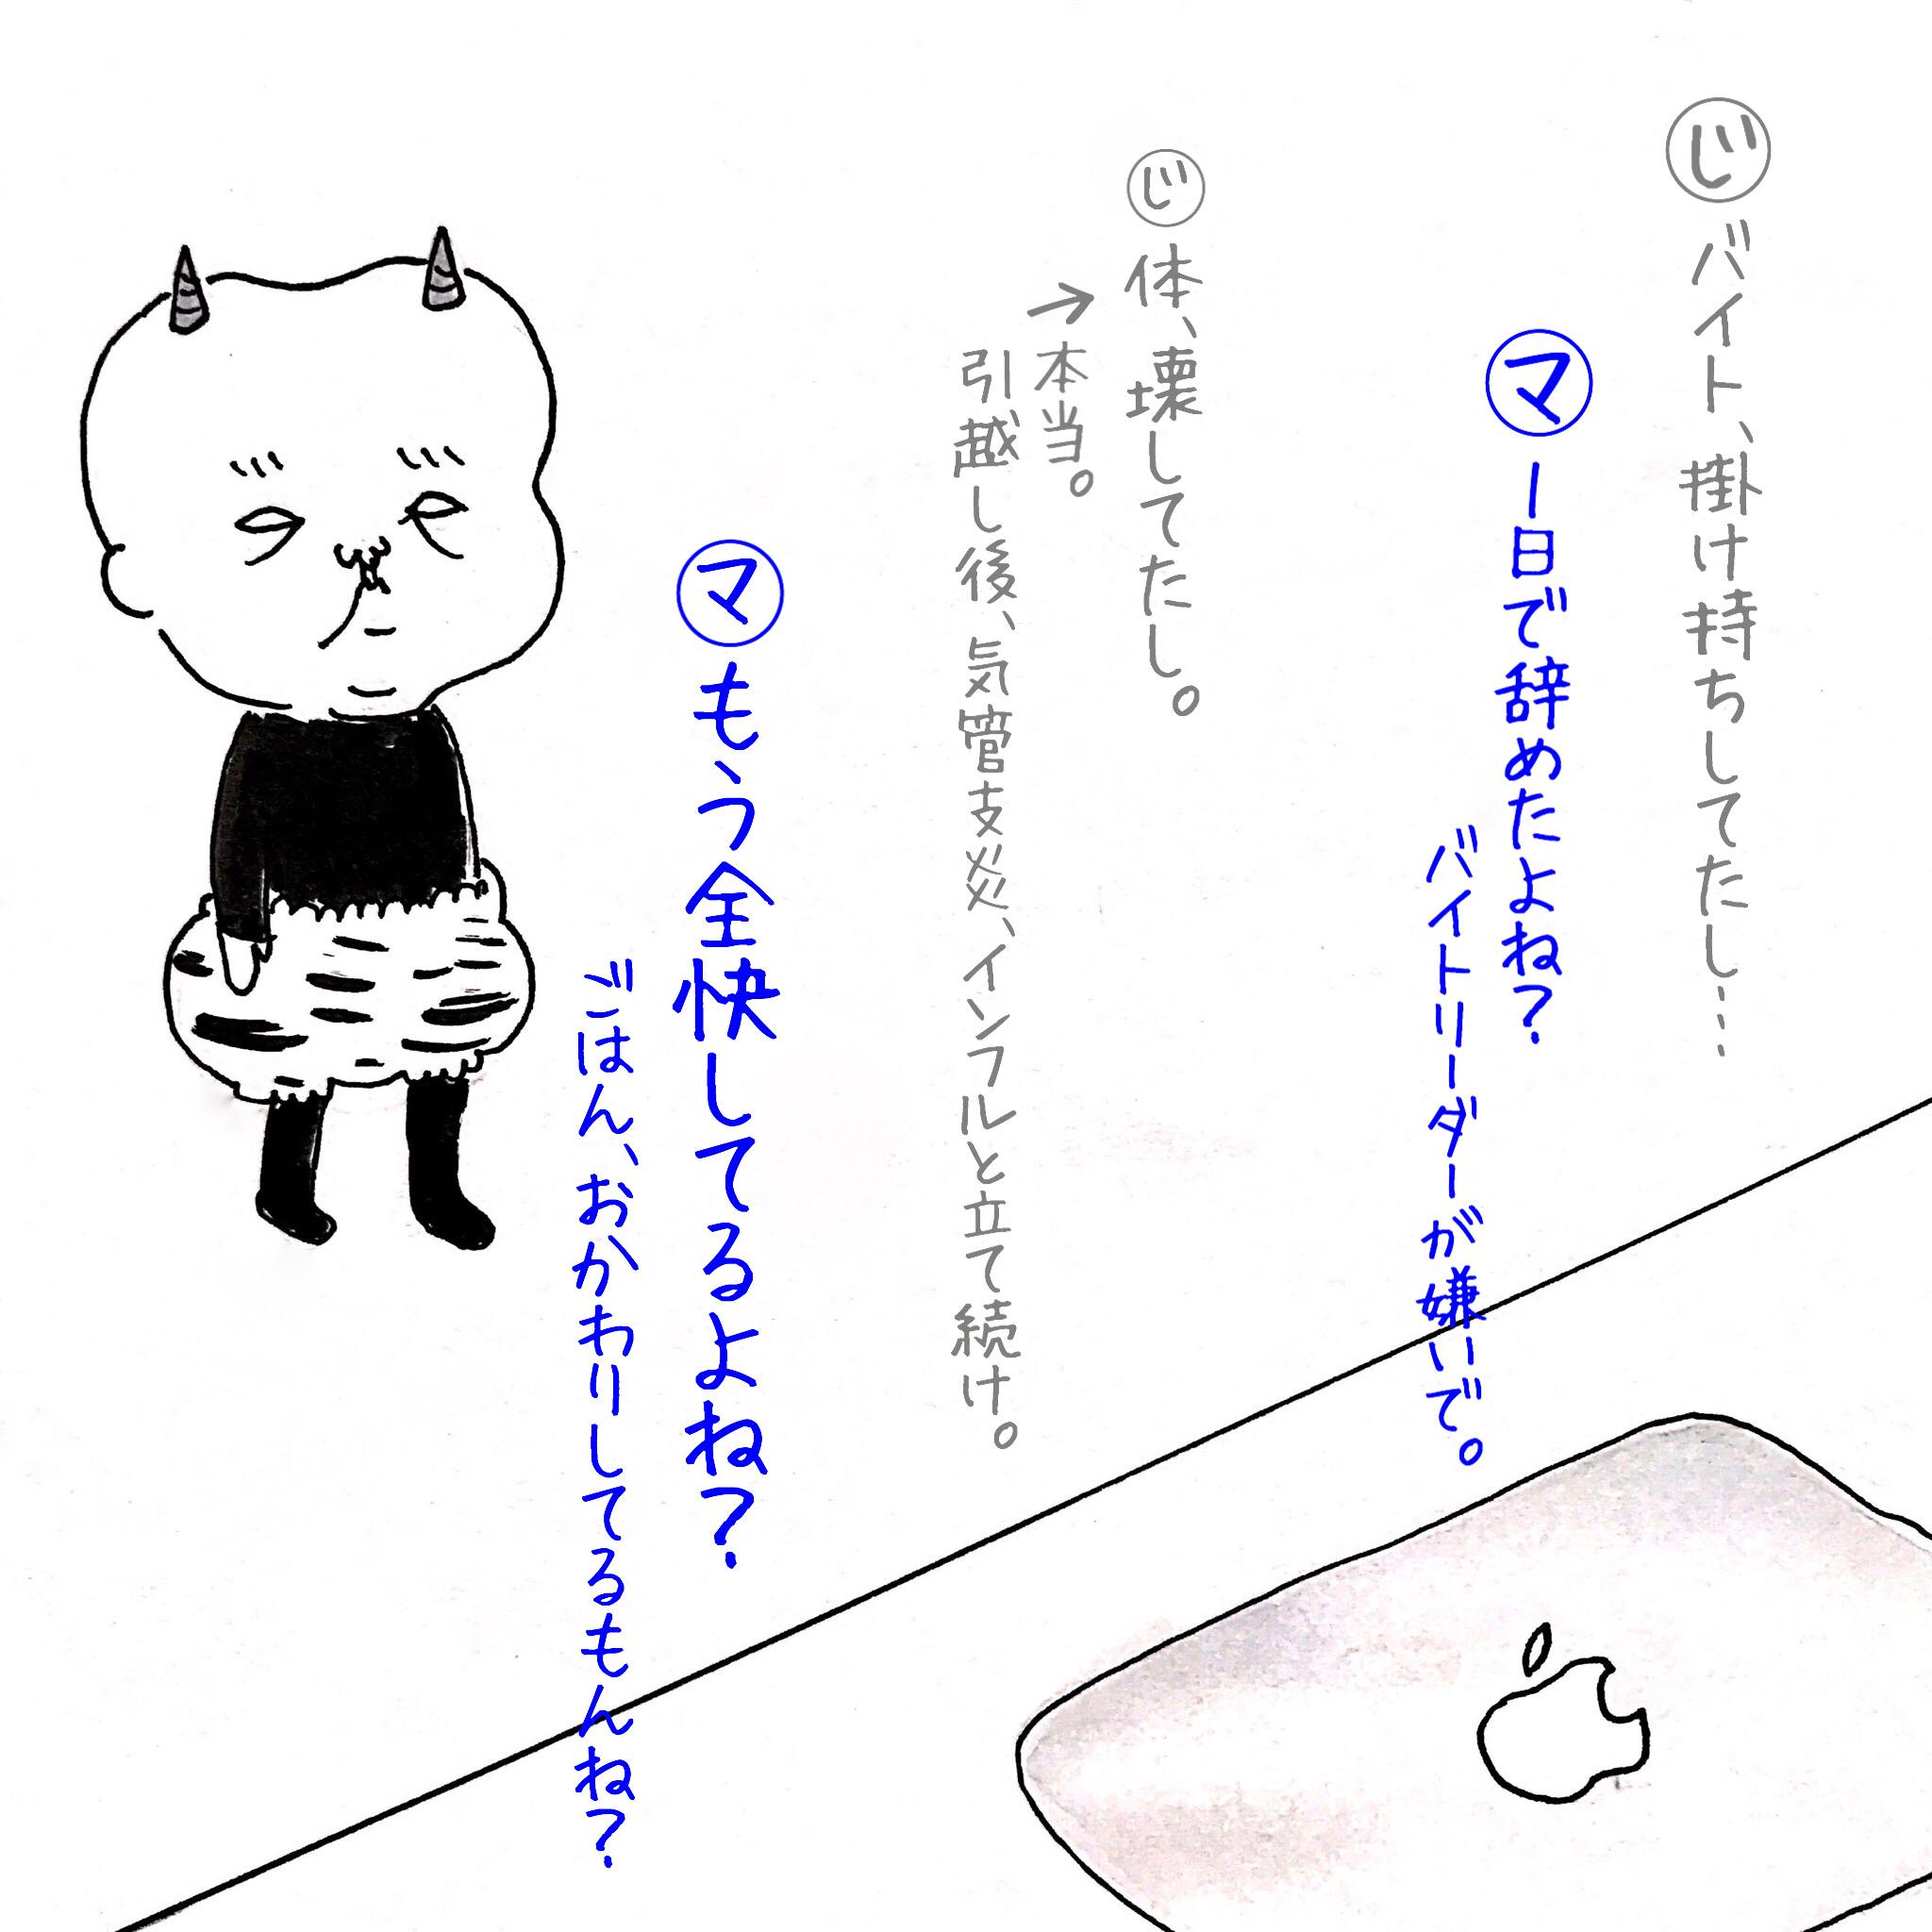 テレパシー会話漫画7